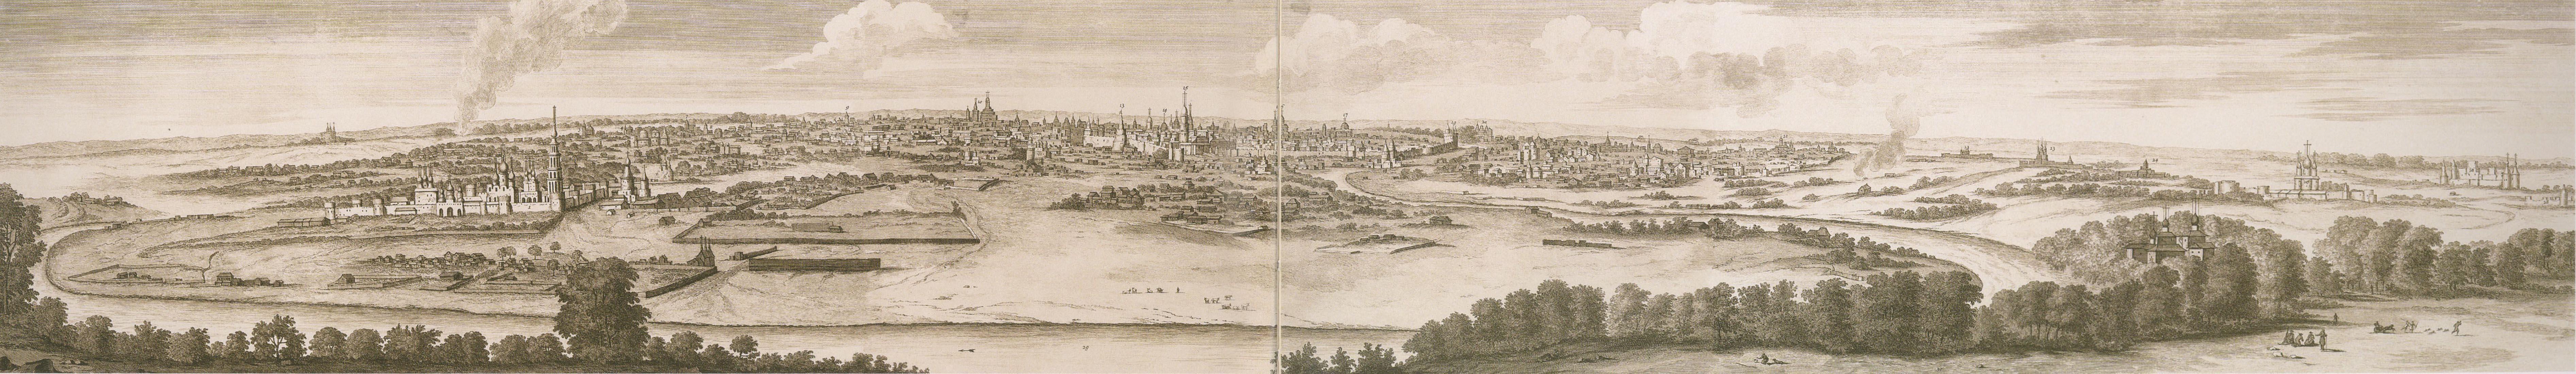 1714. Панорама Москвы с Воробьевых гор